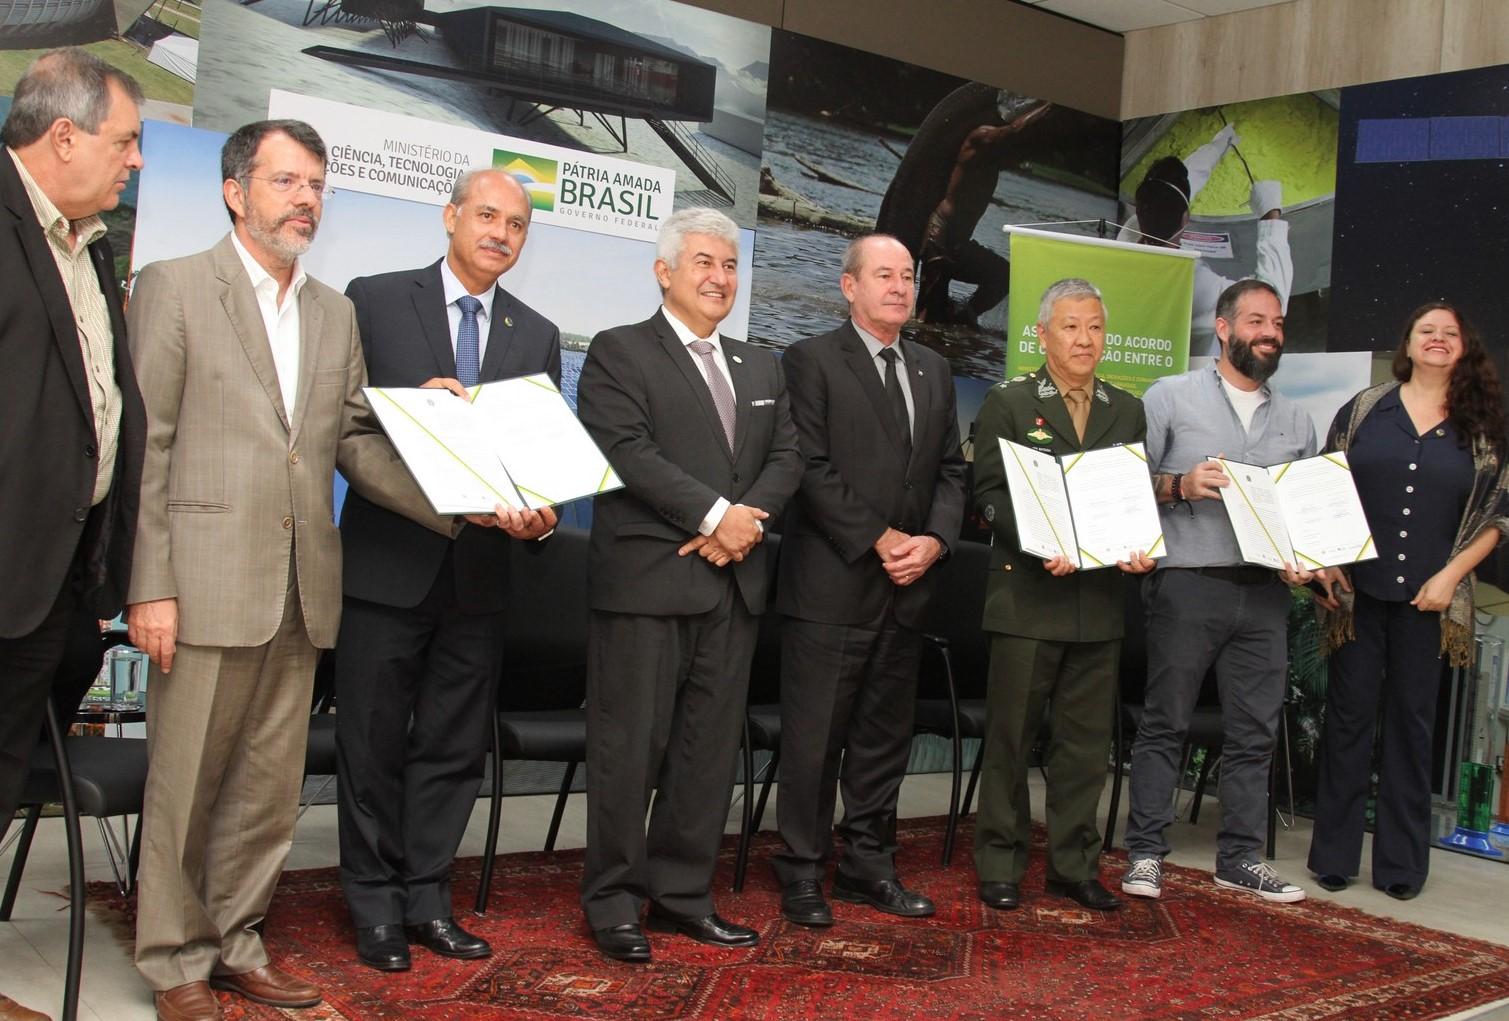 Acordo de Cooperação assinado por RNP, MCTIC, Instituto Laura e HFA